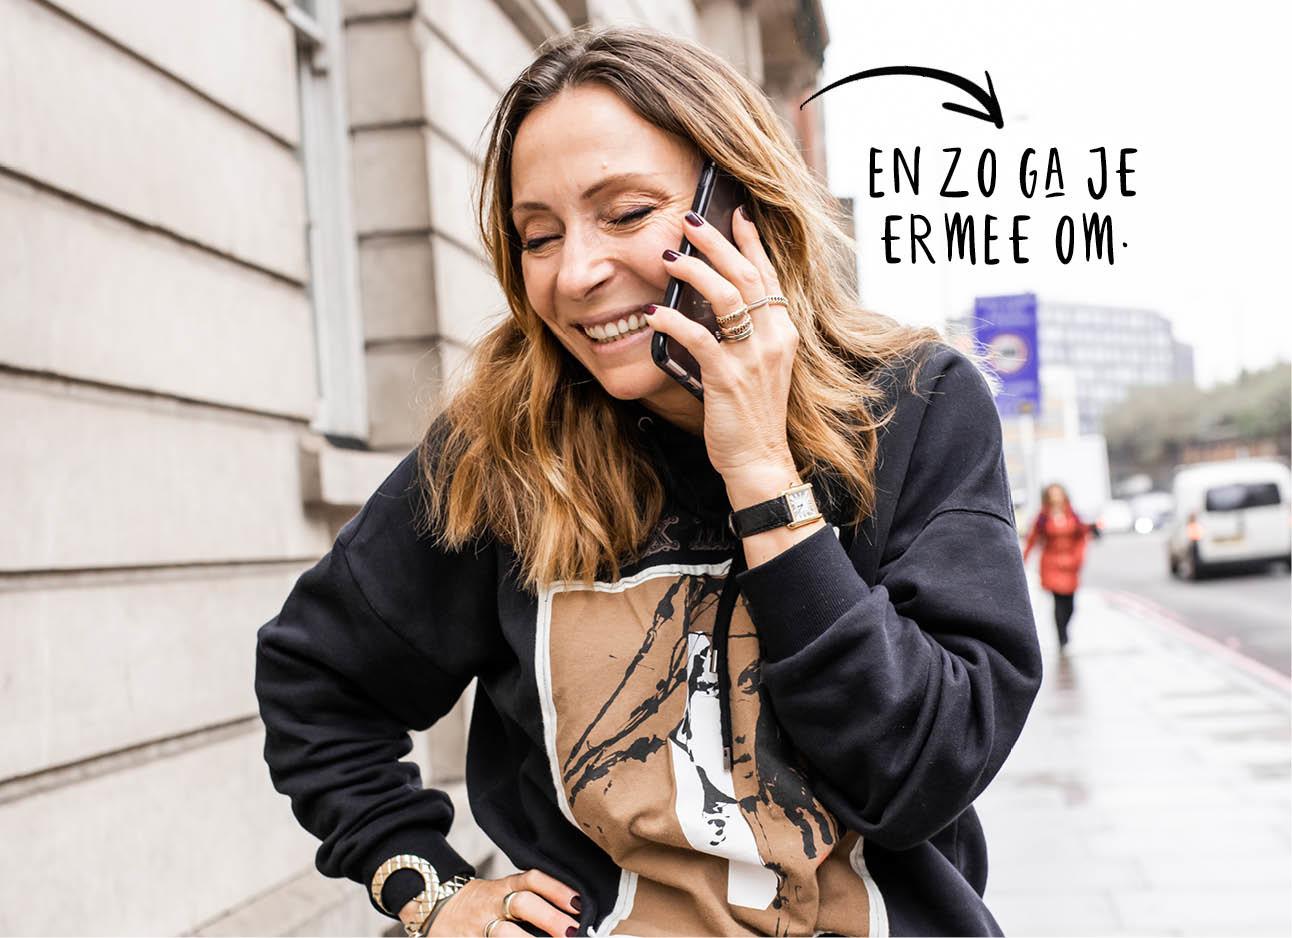 may-britt lachend aan de telefoon in London met een Max Mara thuis aan Iphone